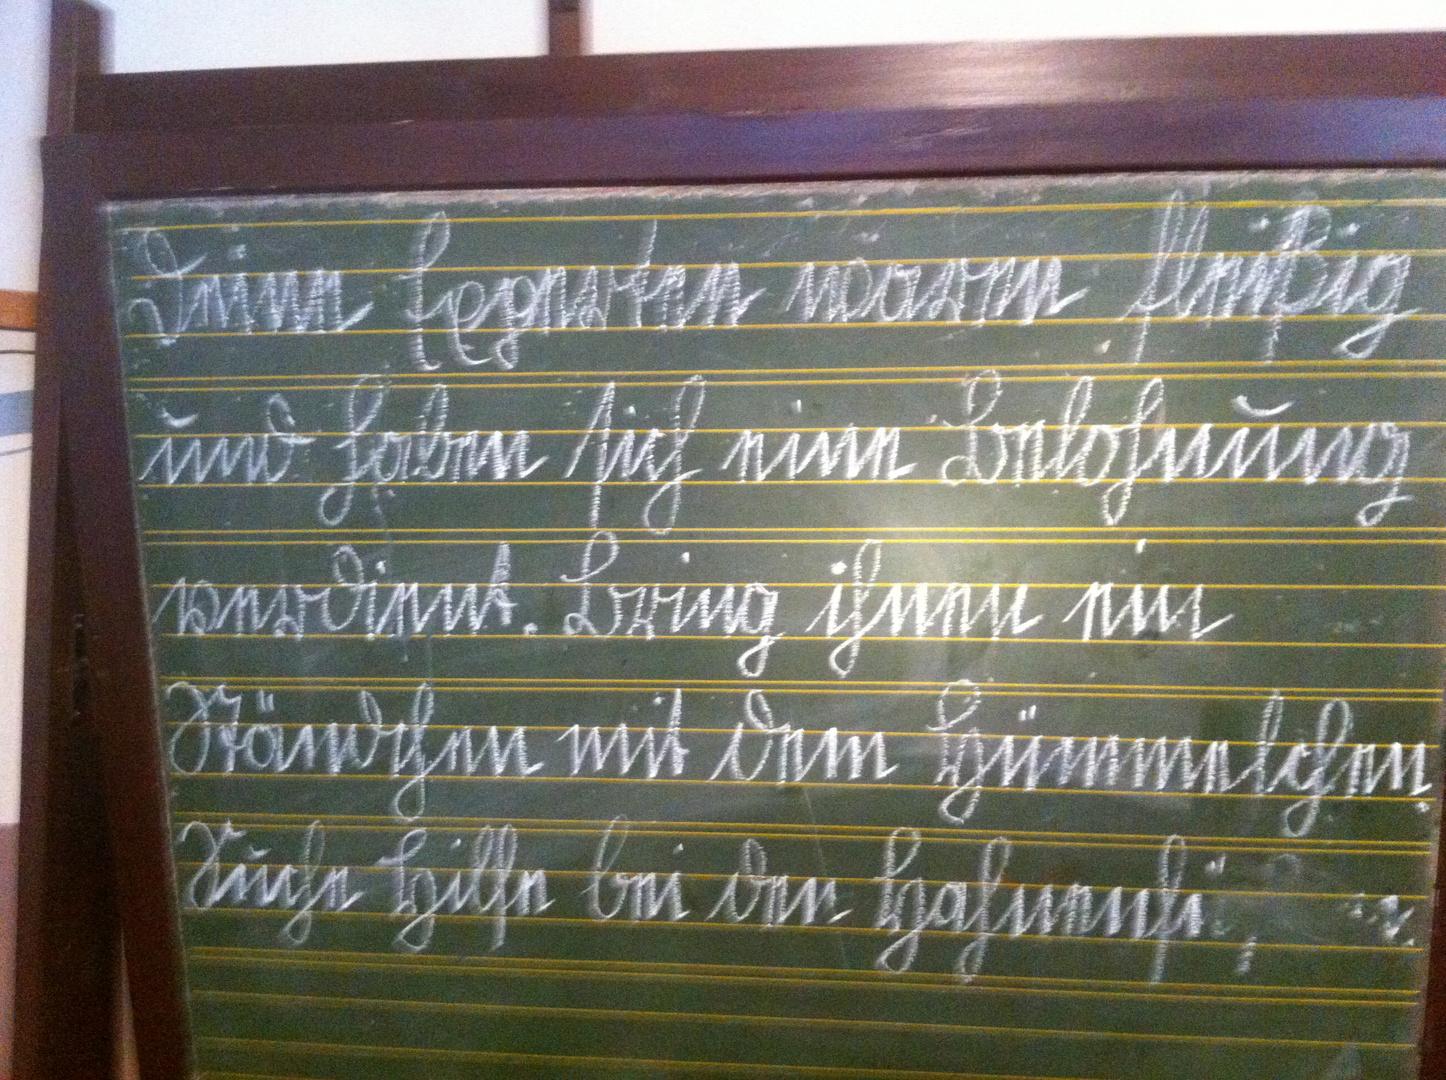 nachgefragt, wer kann das lesen?